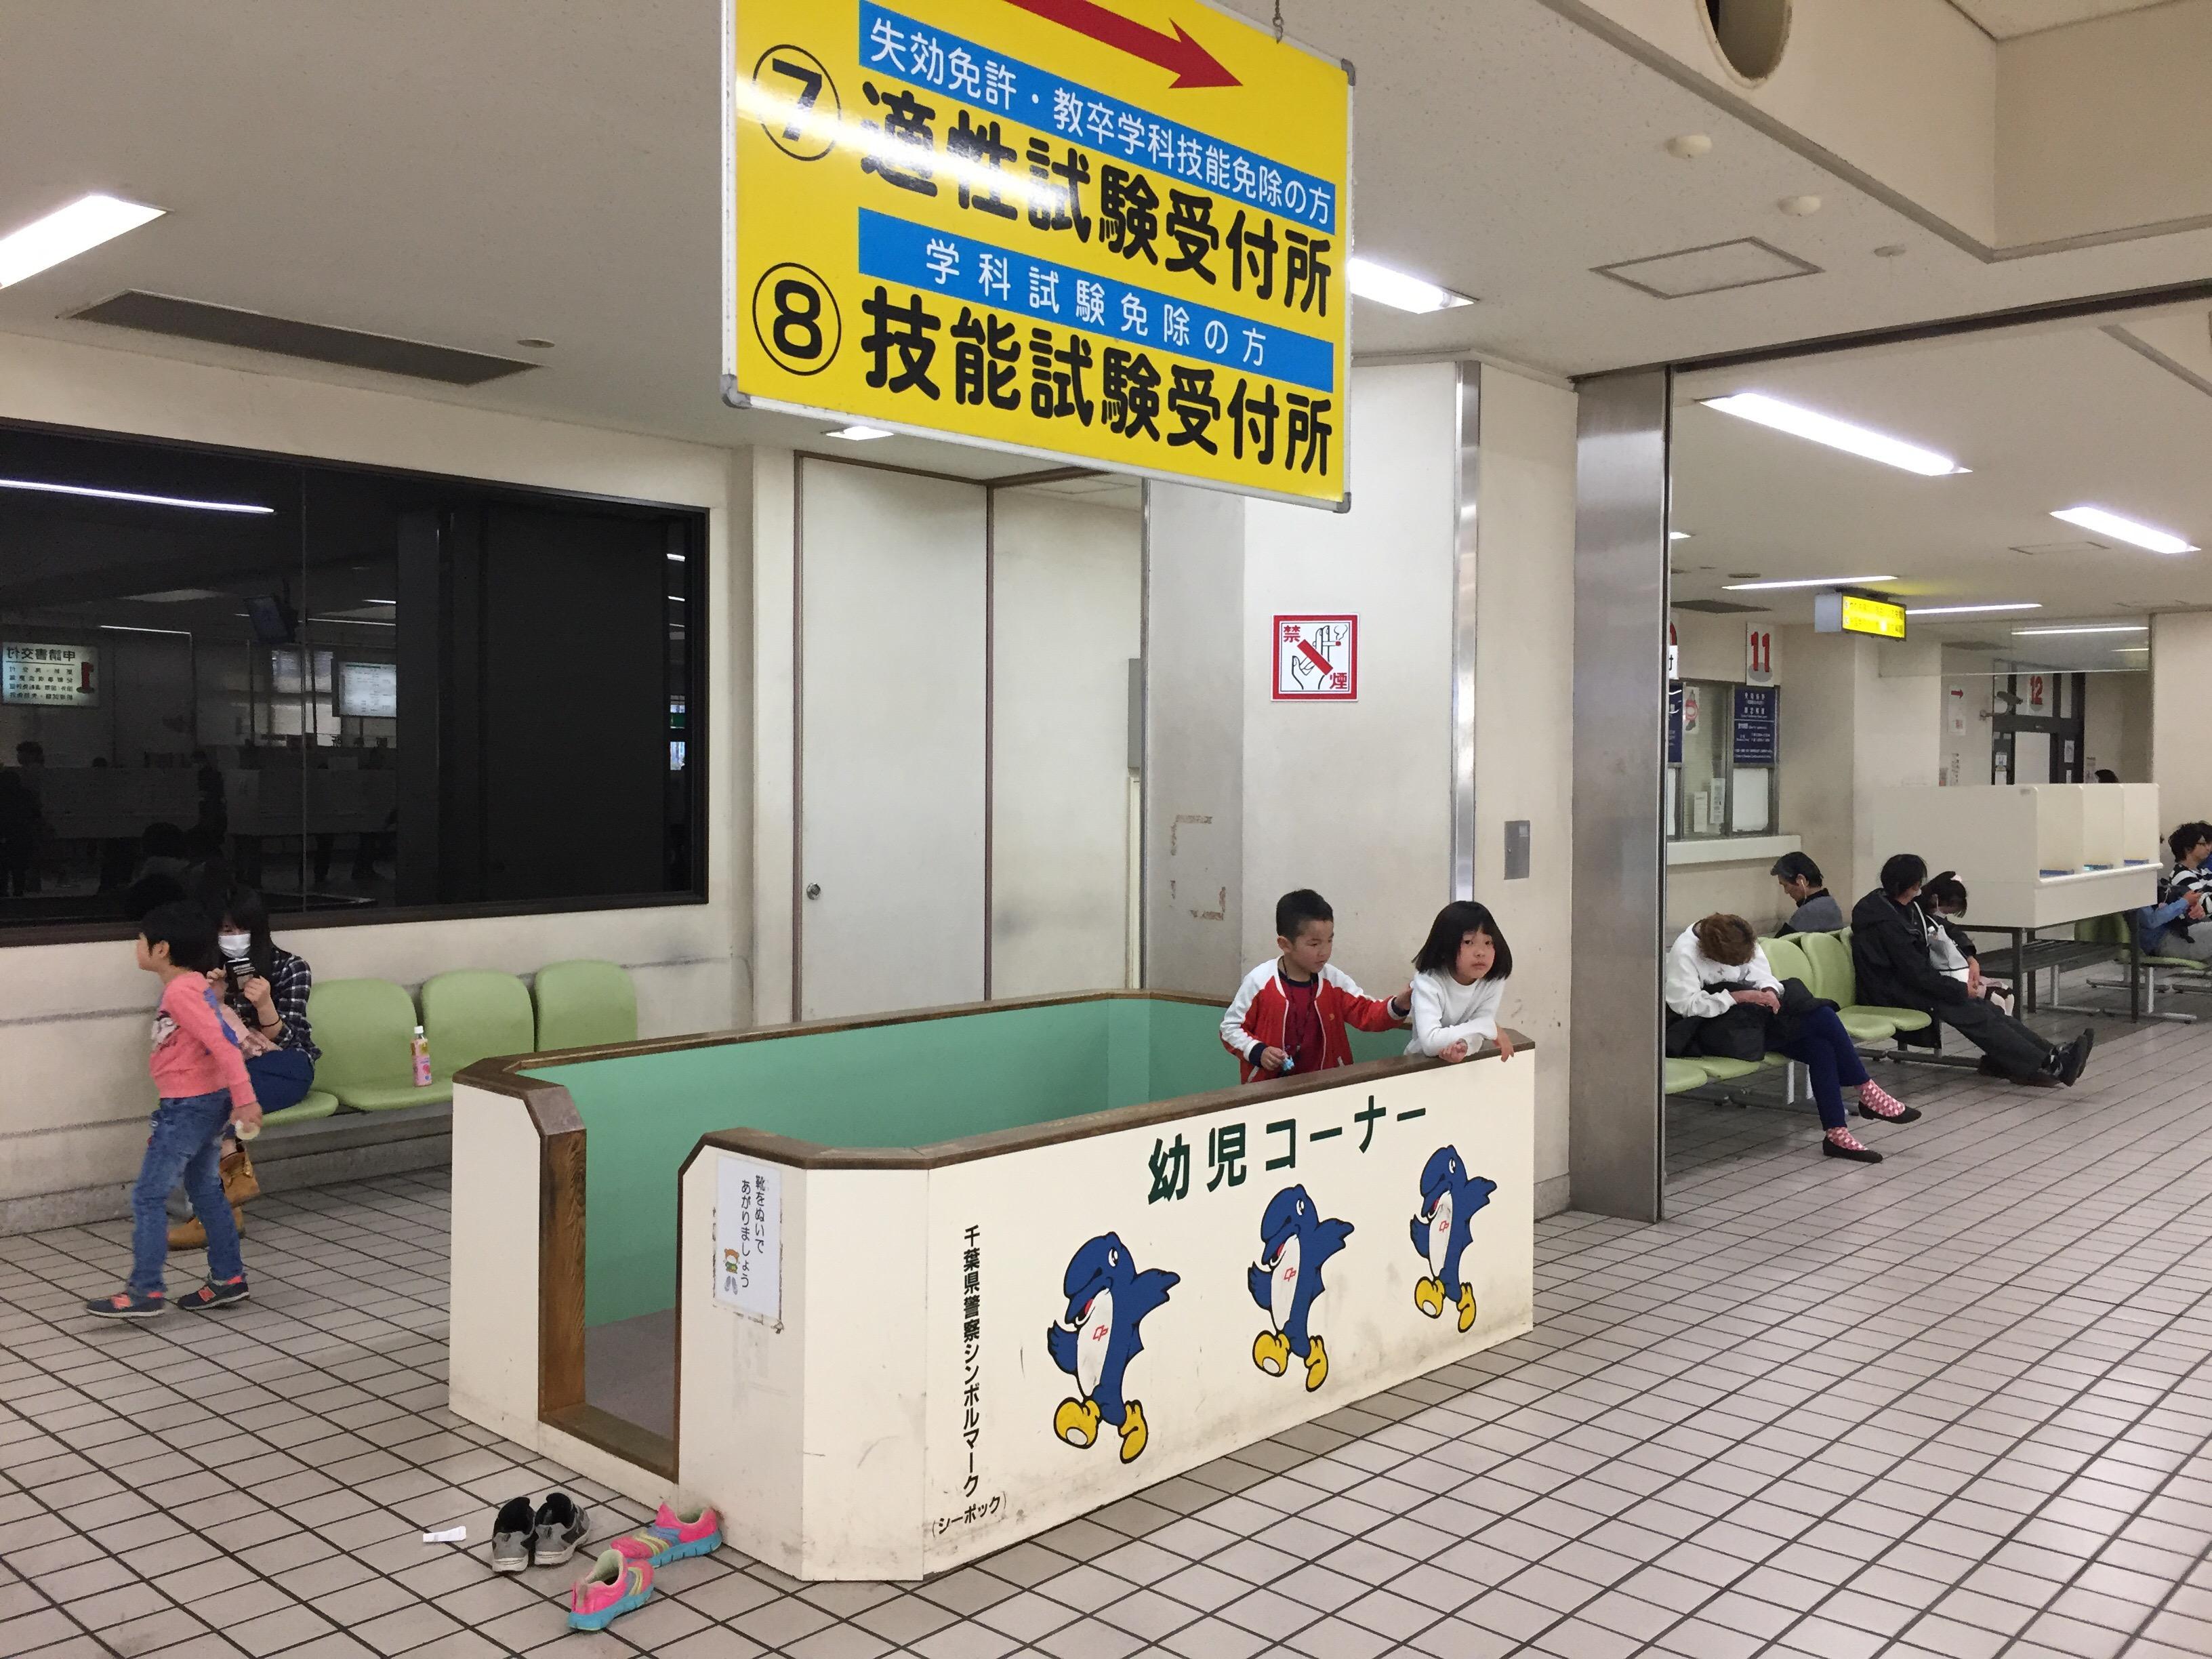 千葉 県 免許 センター 幕張 新規免許取得 千葉県警察